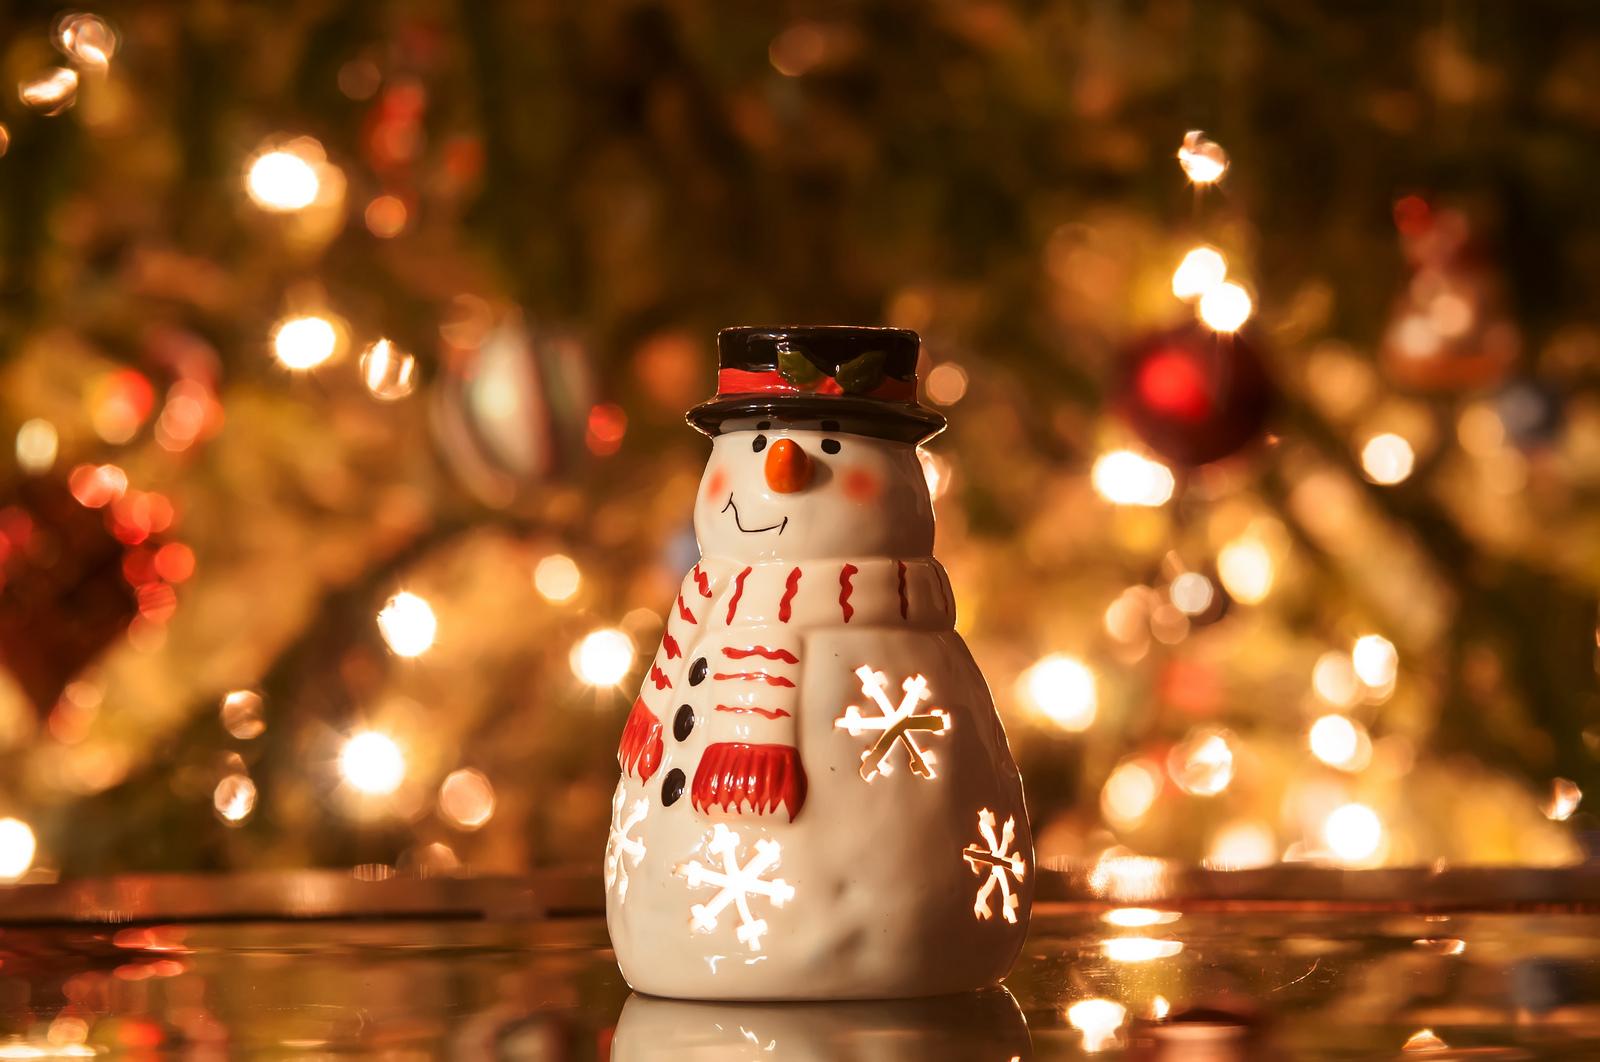 Consells científics per al fred Nadal